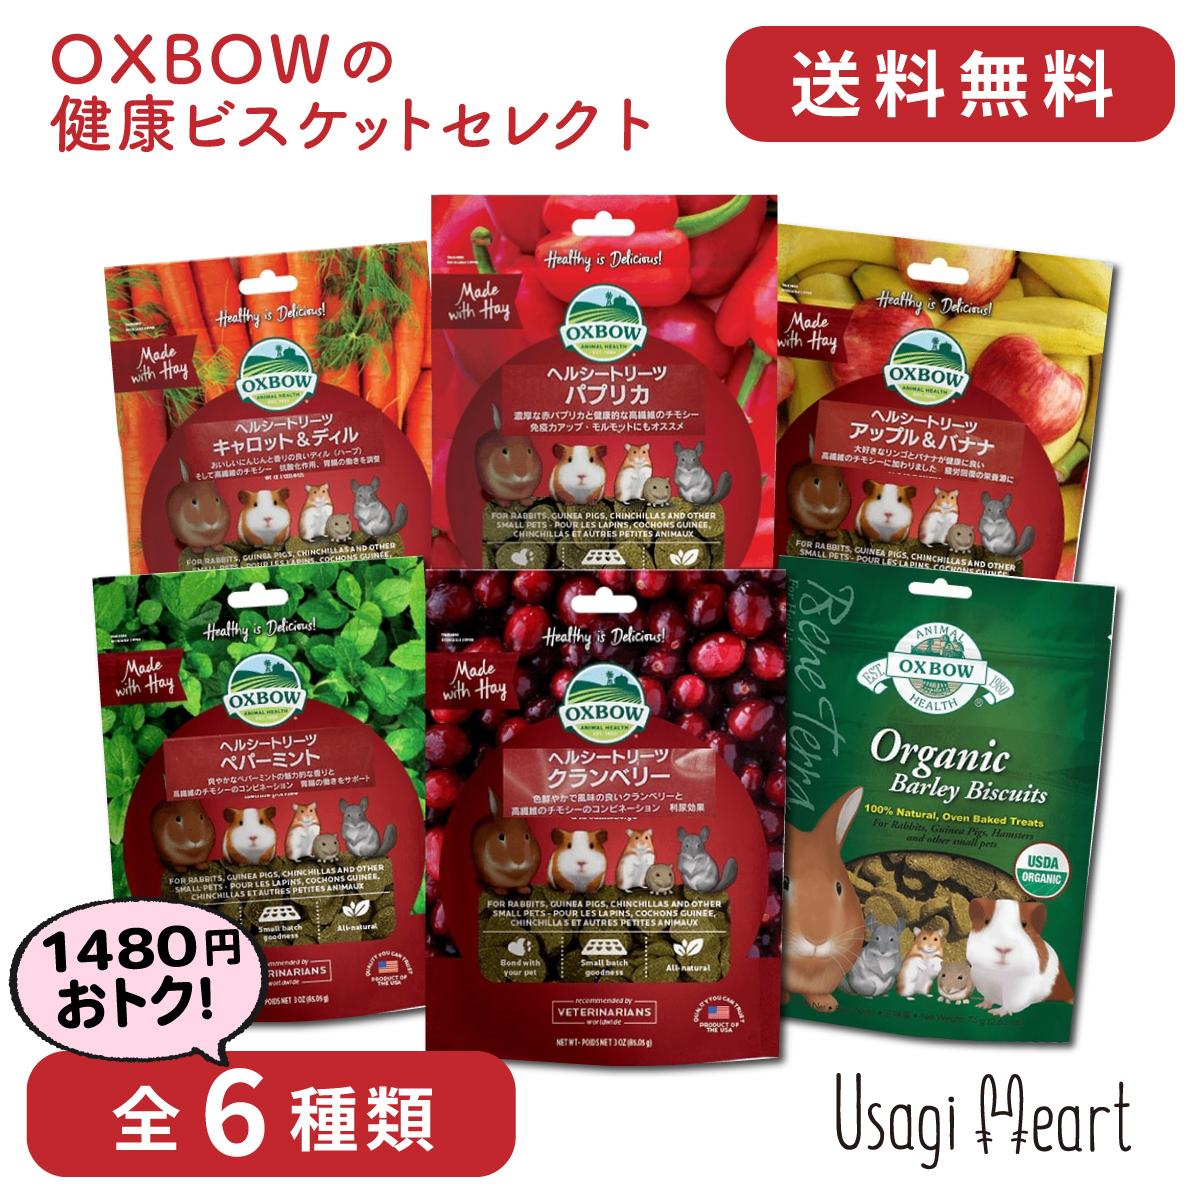 Usagi Heart OXBOWの健康ビスケットセレクト 全6種類 OXBOW オックスボウ オクスボウ おやつ 品質保証 ネザーランドドワーフ ミニウサギ ホーランドロップ 大容量 うさぎのおやつ うさぎ うさぎ全般 ロップイヤー 早割クーポン